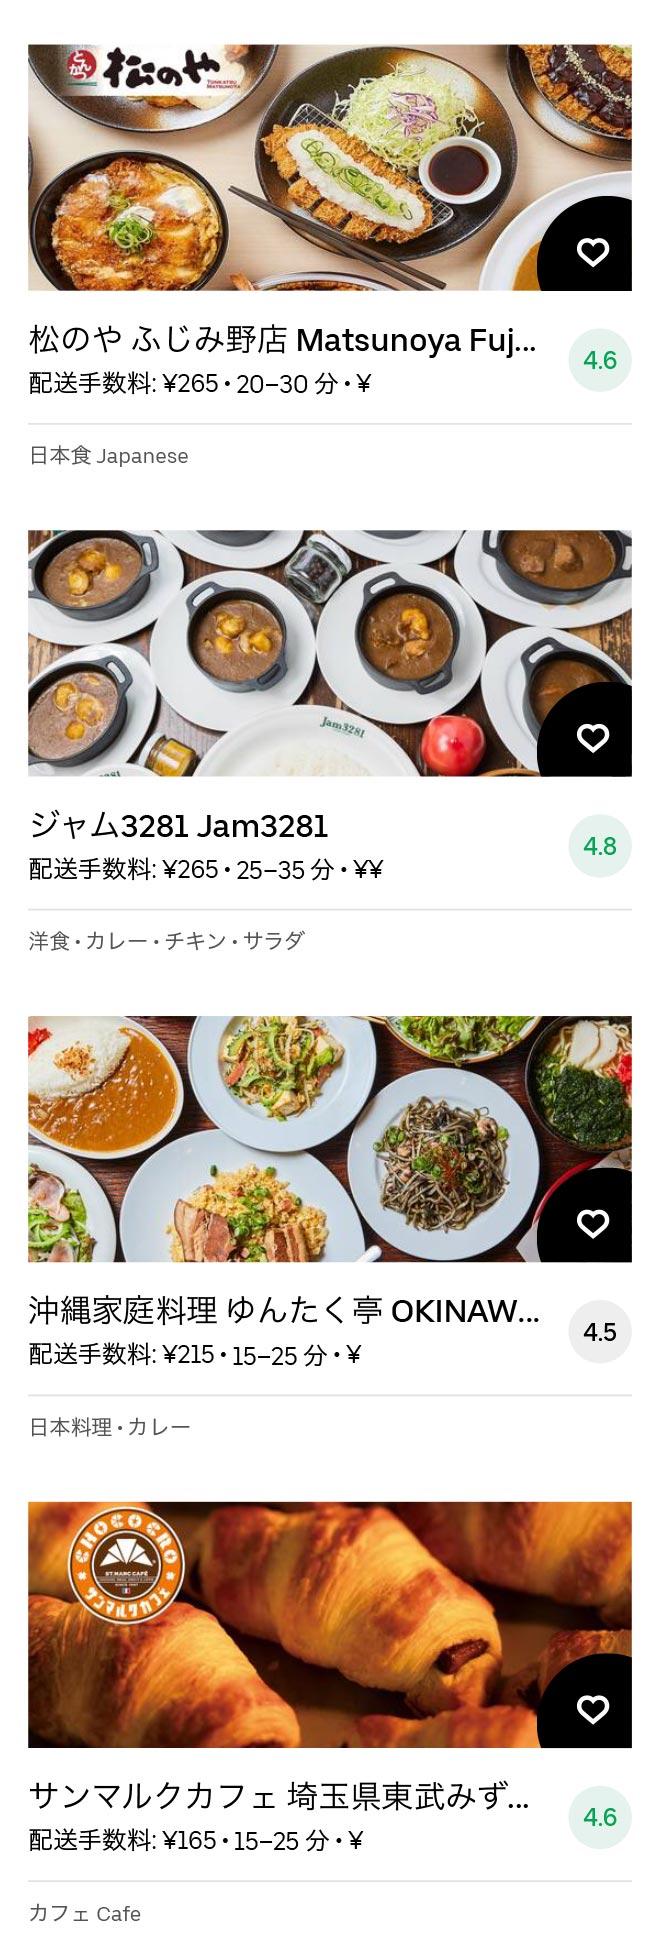 Tsuruse menu 2011 05